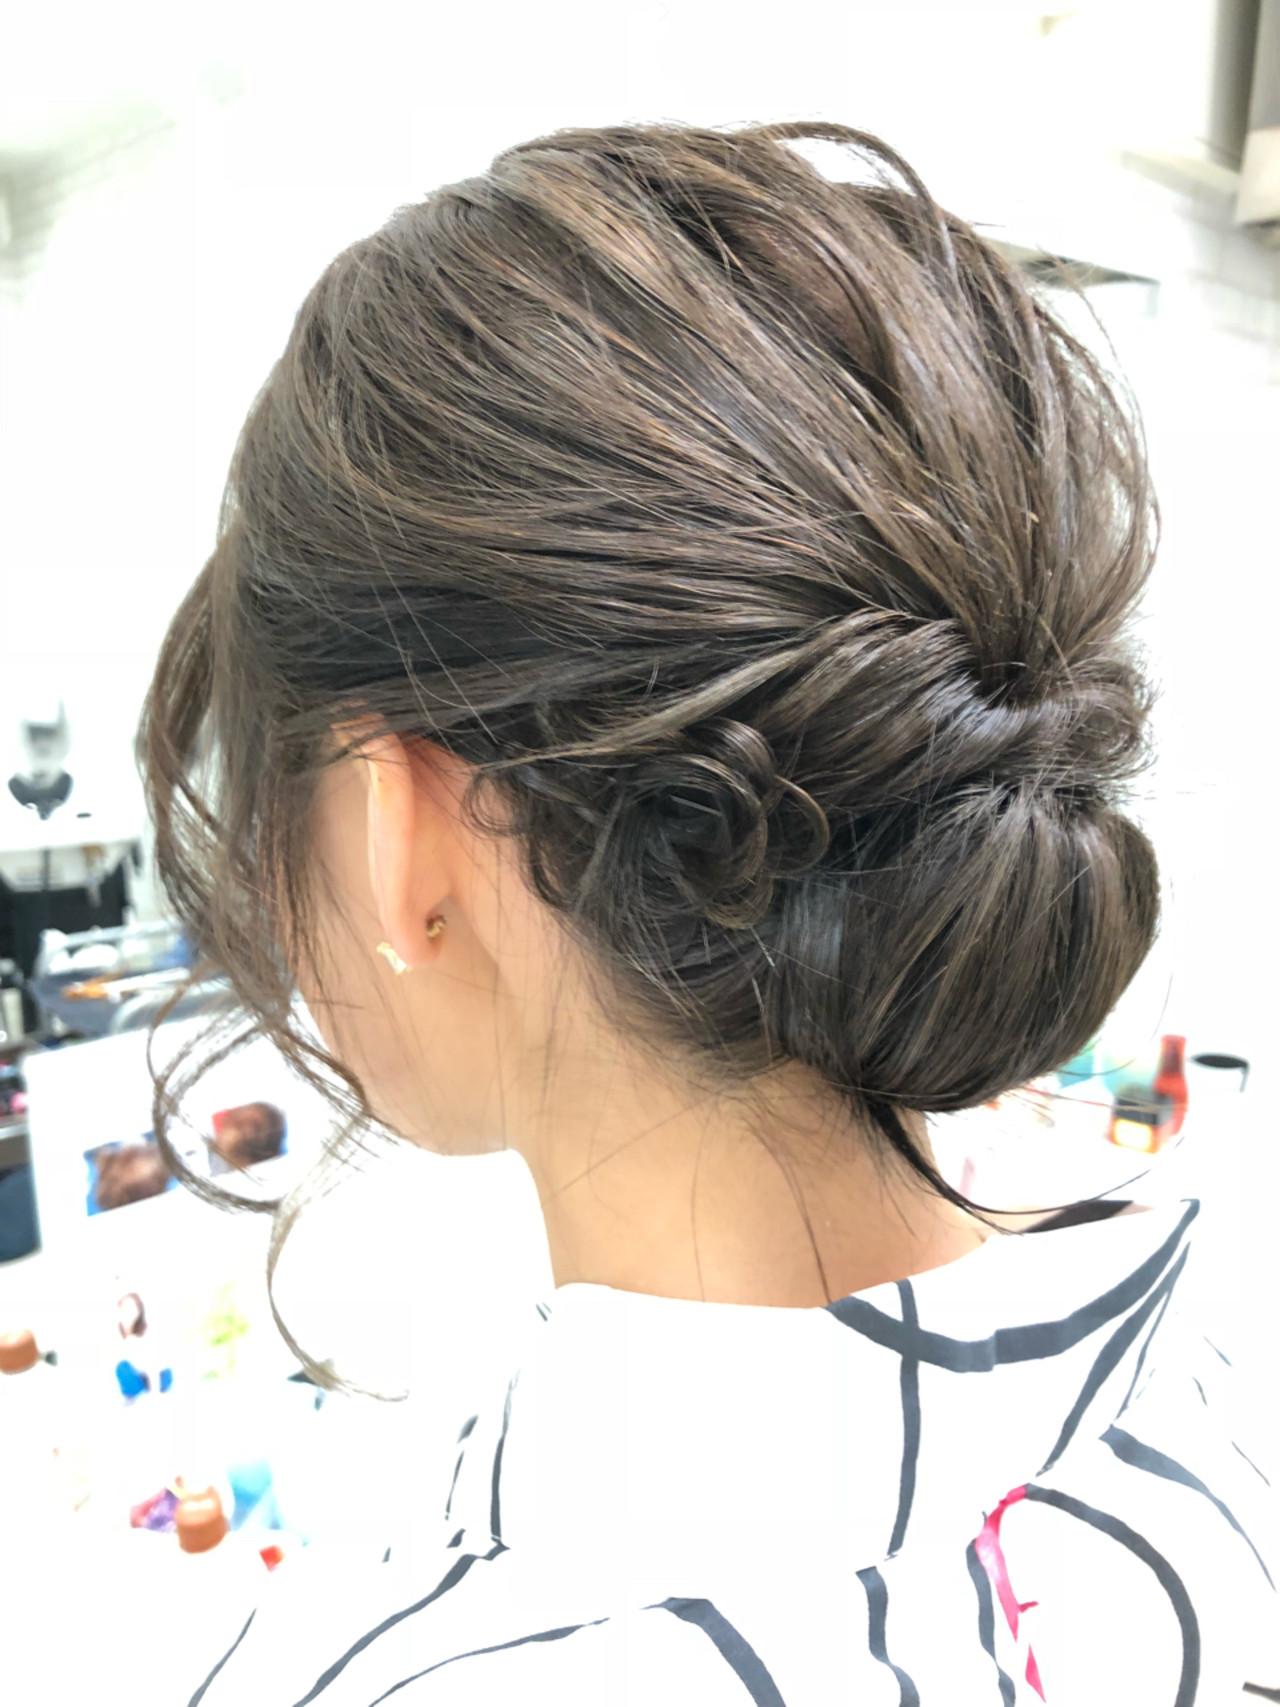 パーティ ミディアム ヘアアレンジ 結婚式 ヘアスタイルや髪型の写真・画像